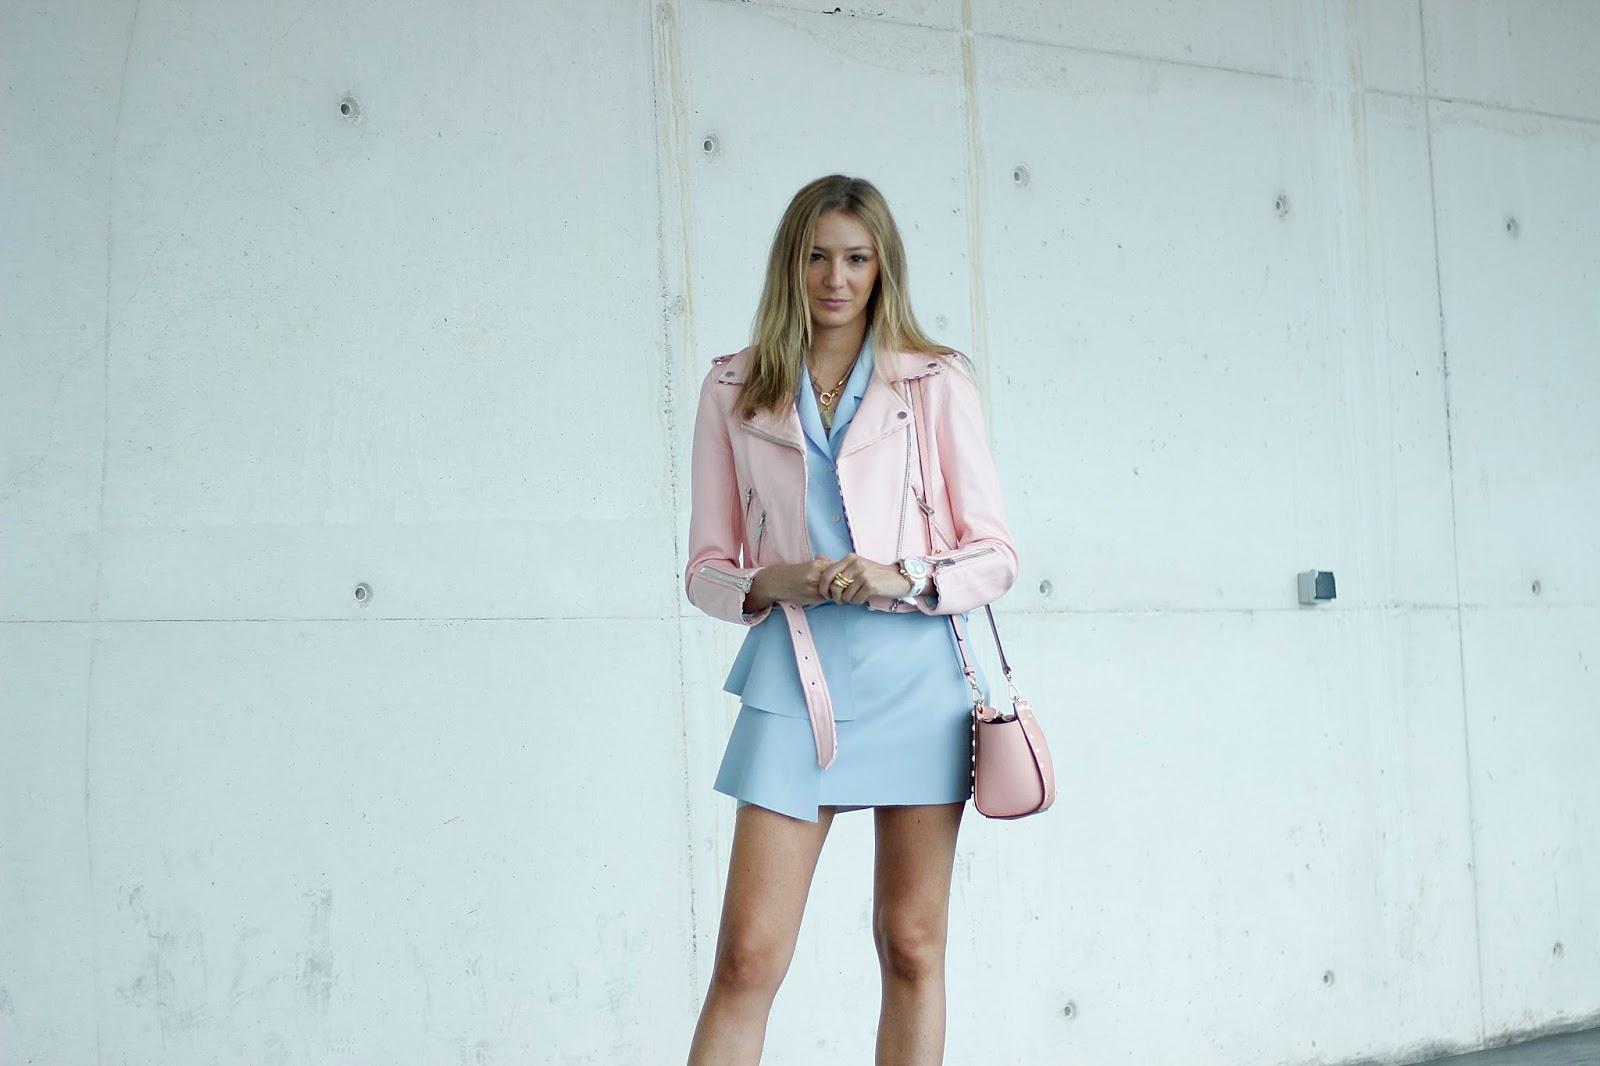 fashion-week-street-style-rosa-millenial-zara-biker